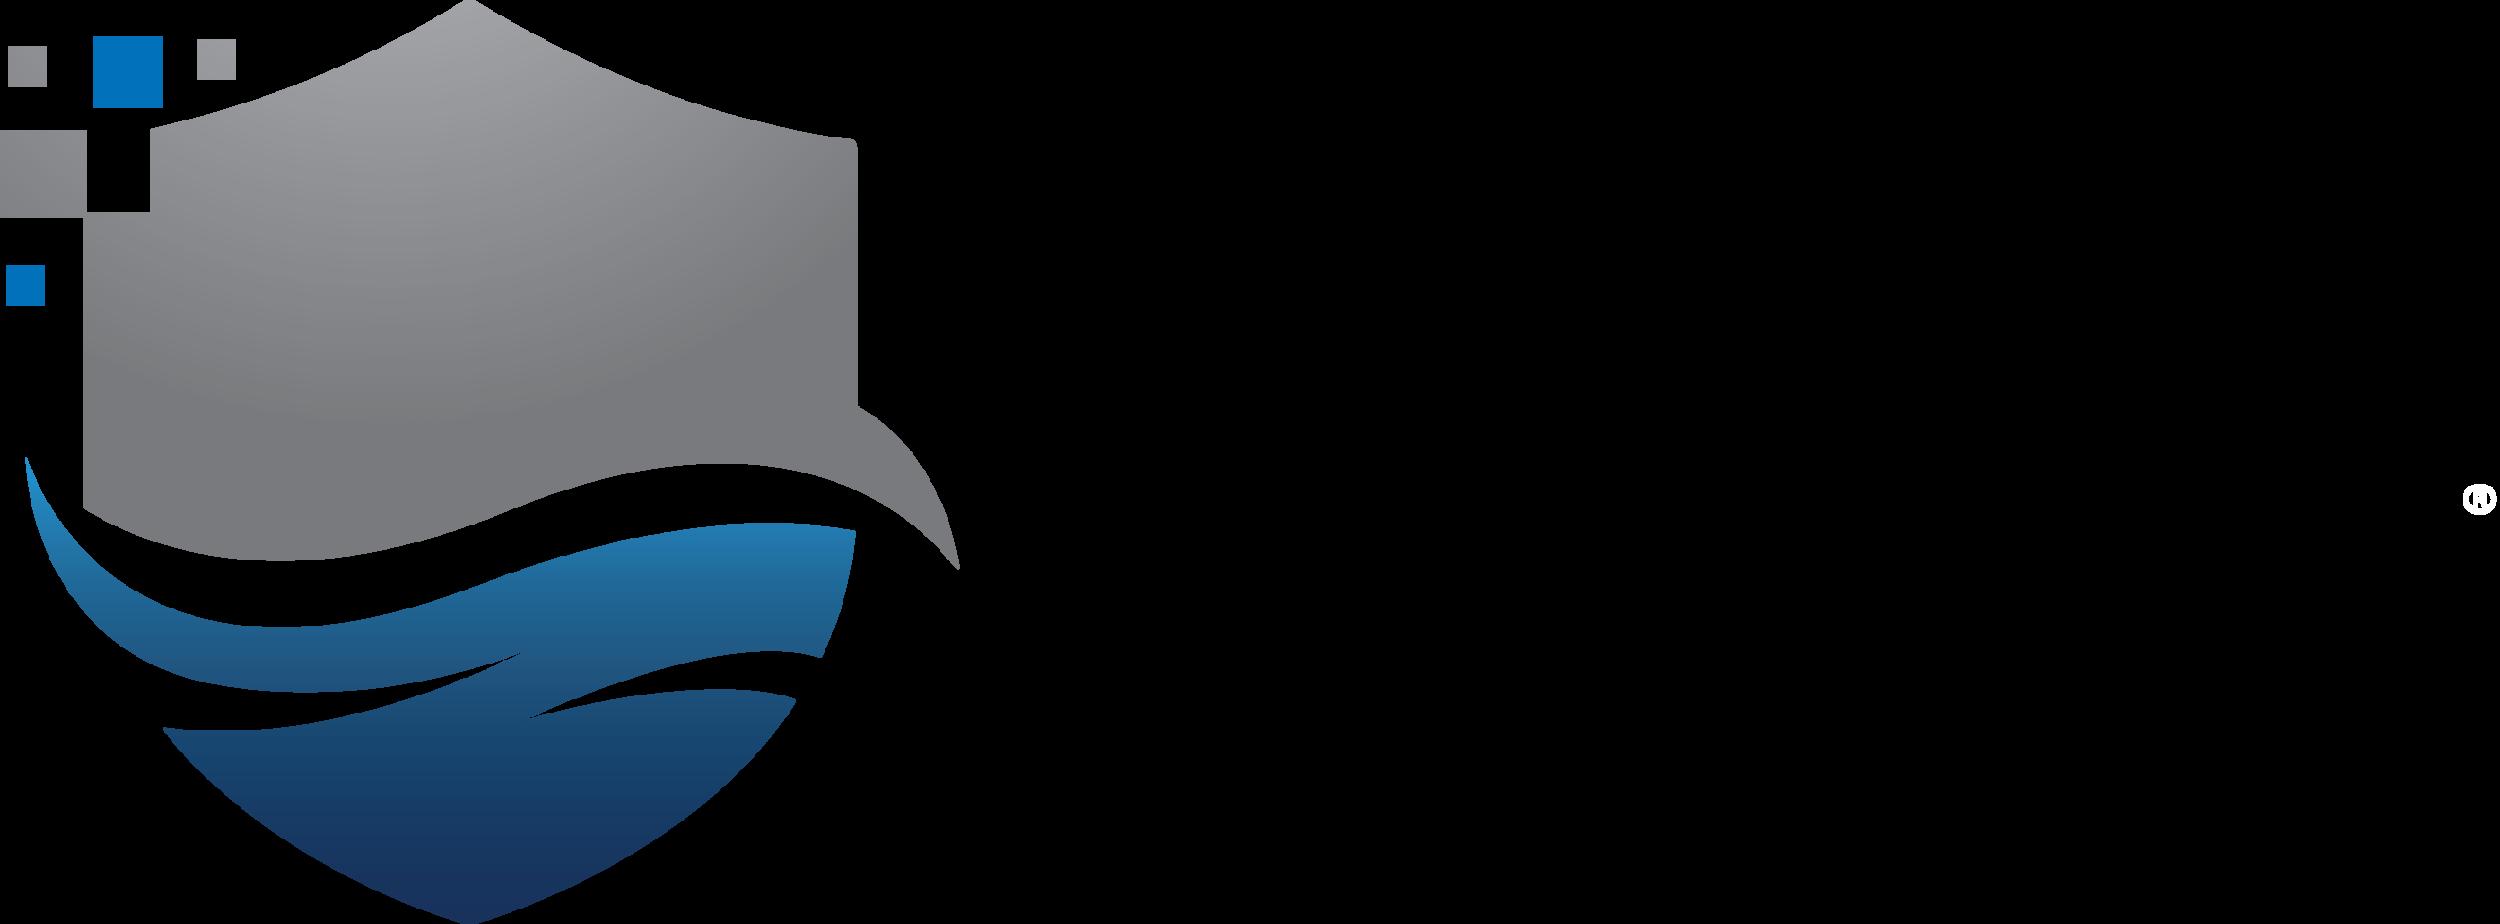 og logo black.png